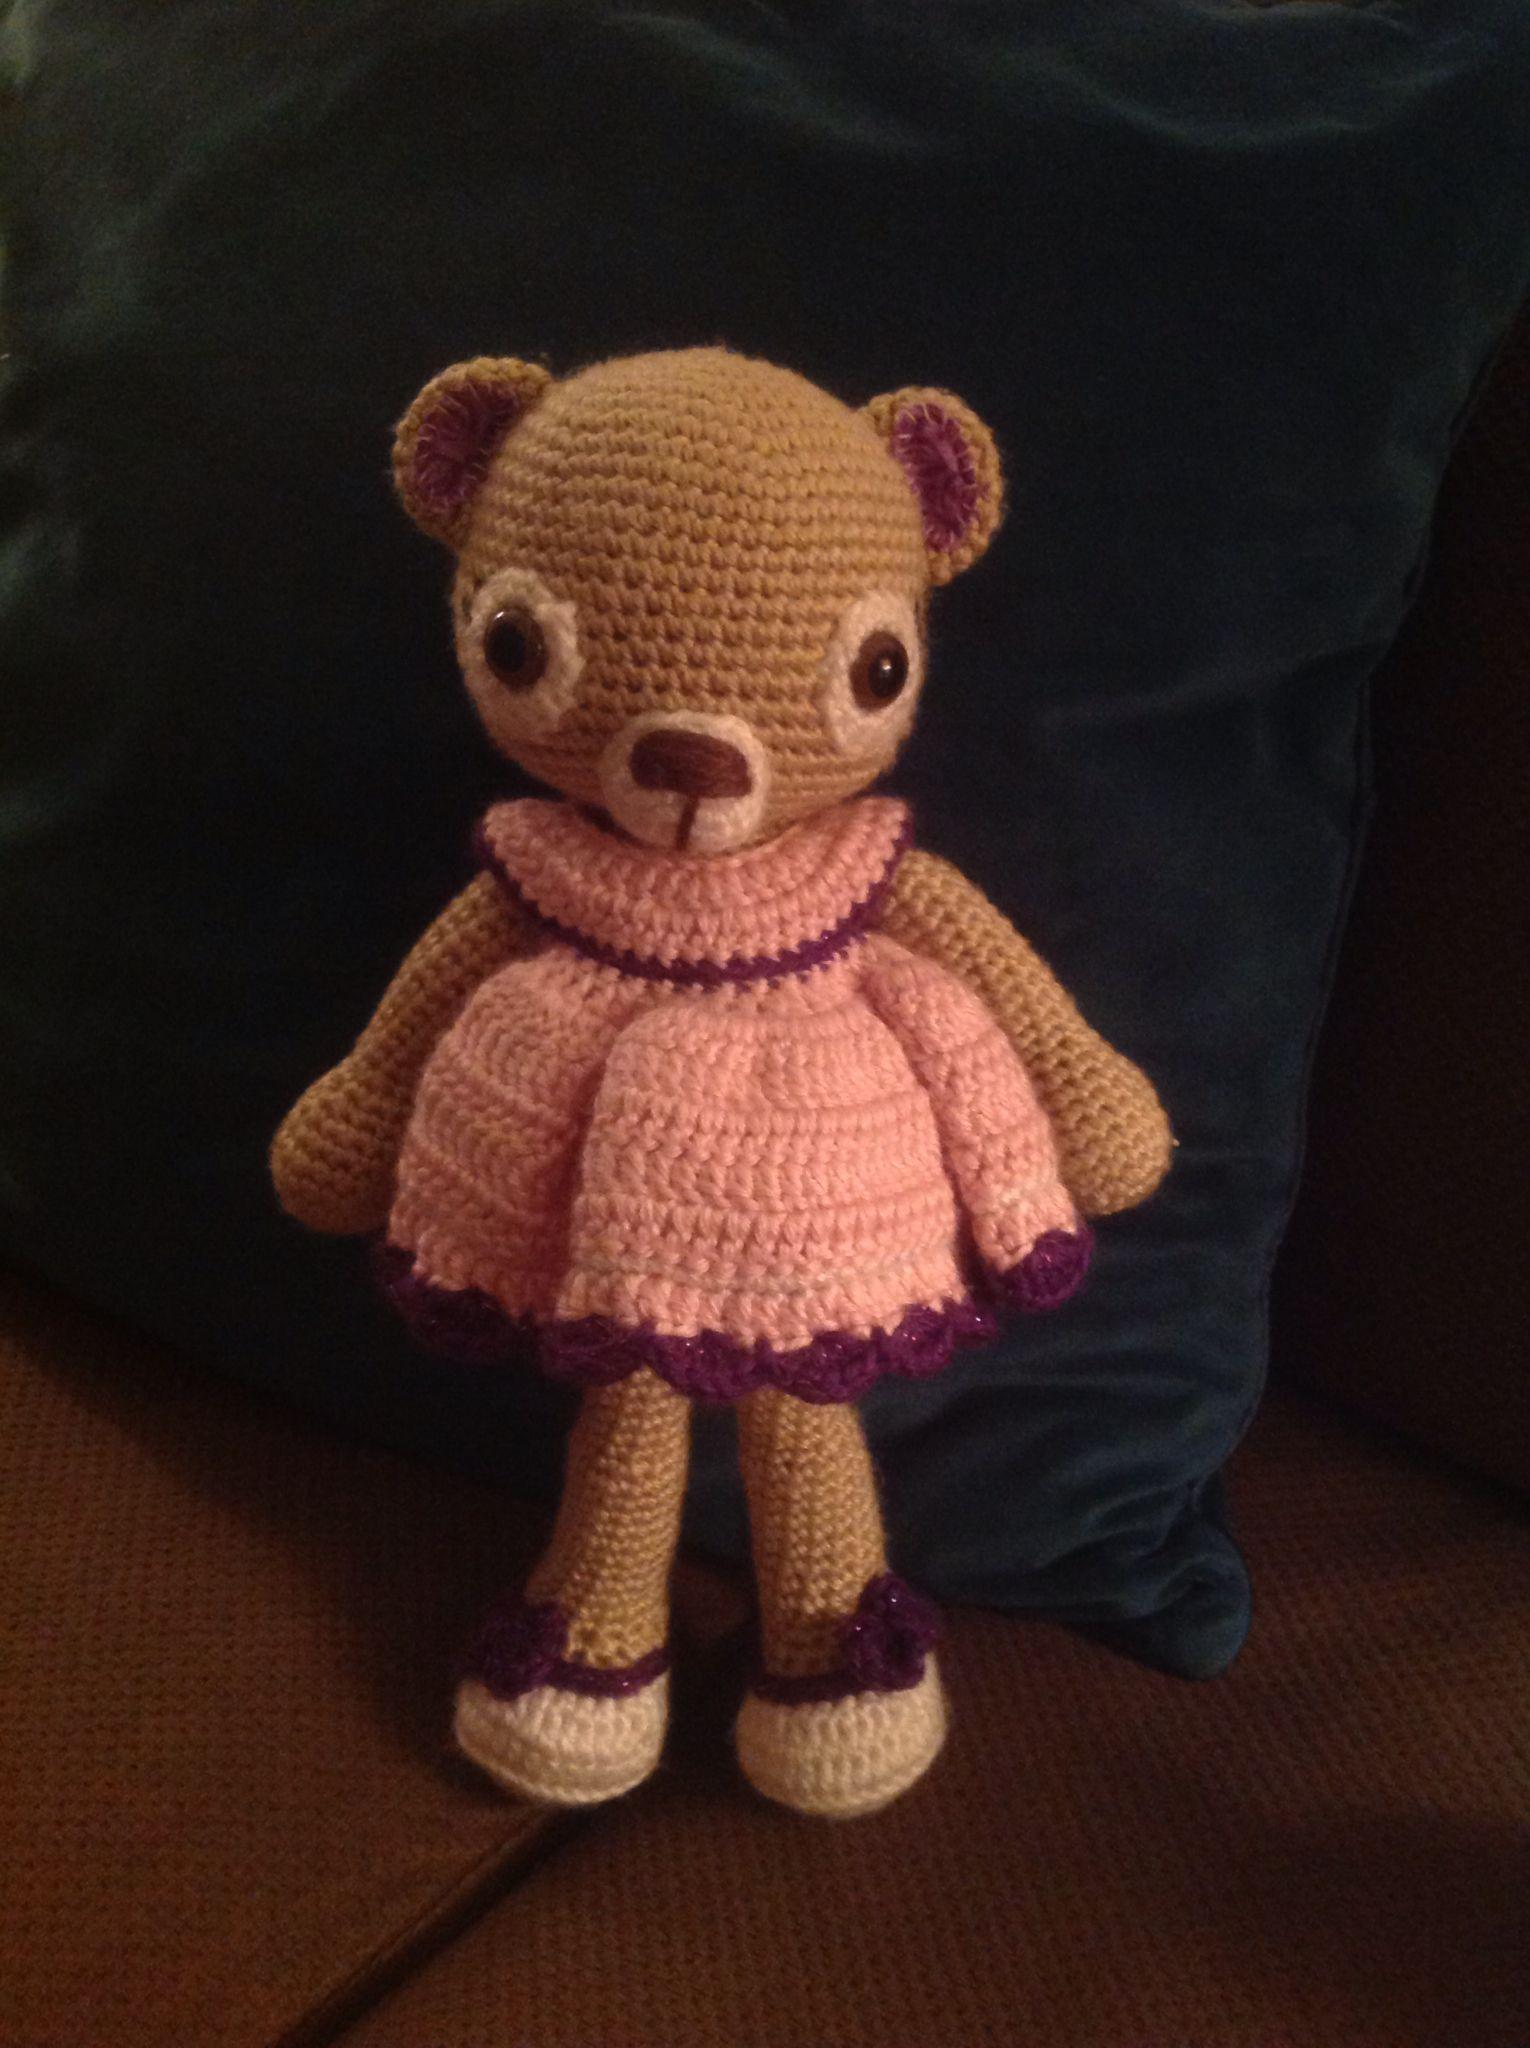 Amigurumi Crochet Bear pattern off etsy